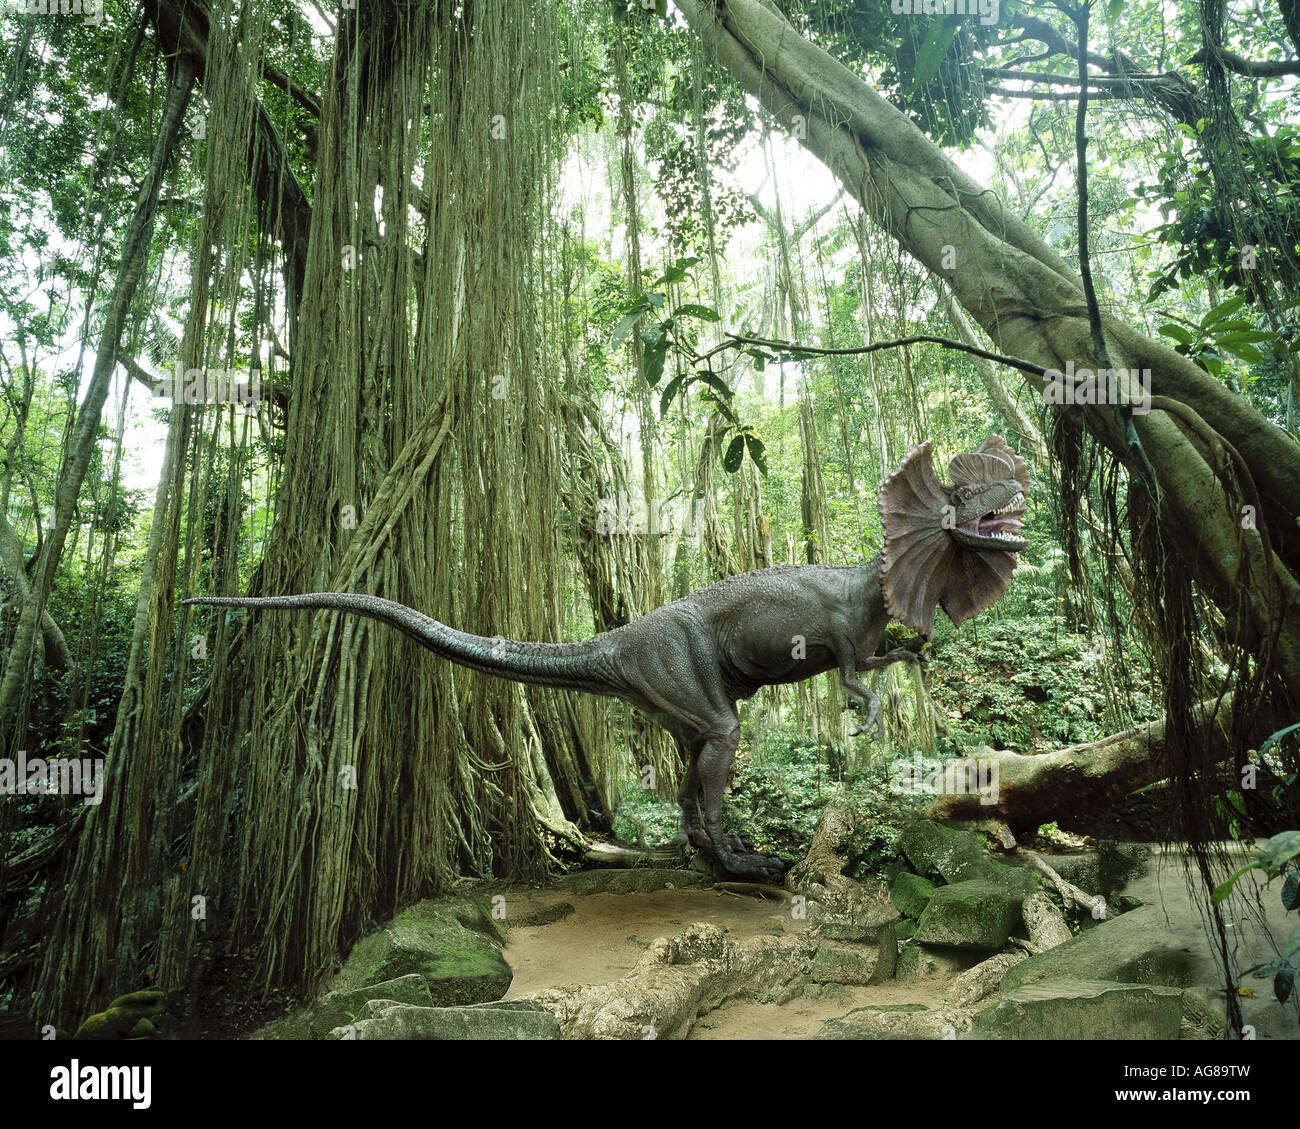 """Dilophosaurus (le """"pitter"""") dinosaure dans un environnement de jungle tropicale Banque D'Images"""